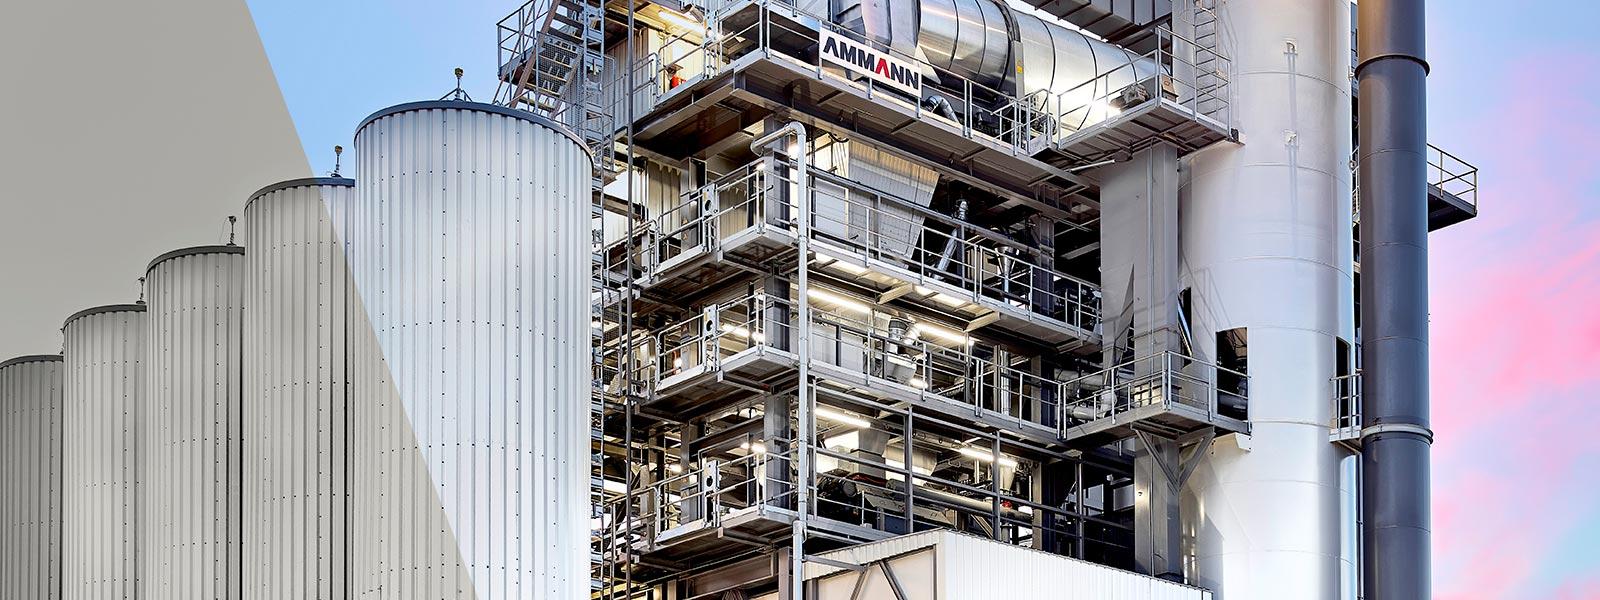 Асфальтобетонный завод Ammann Global